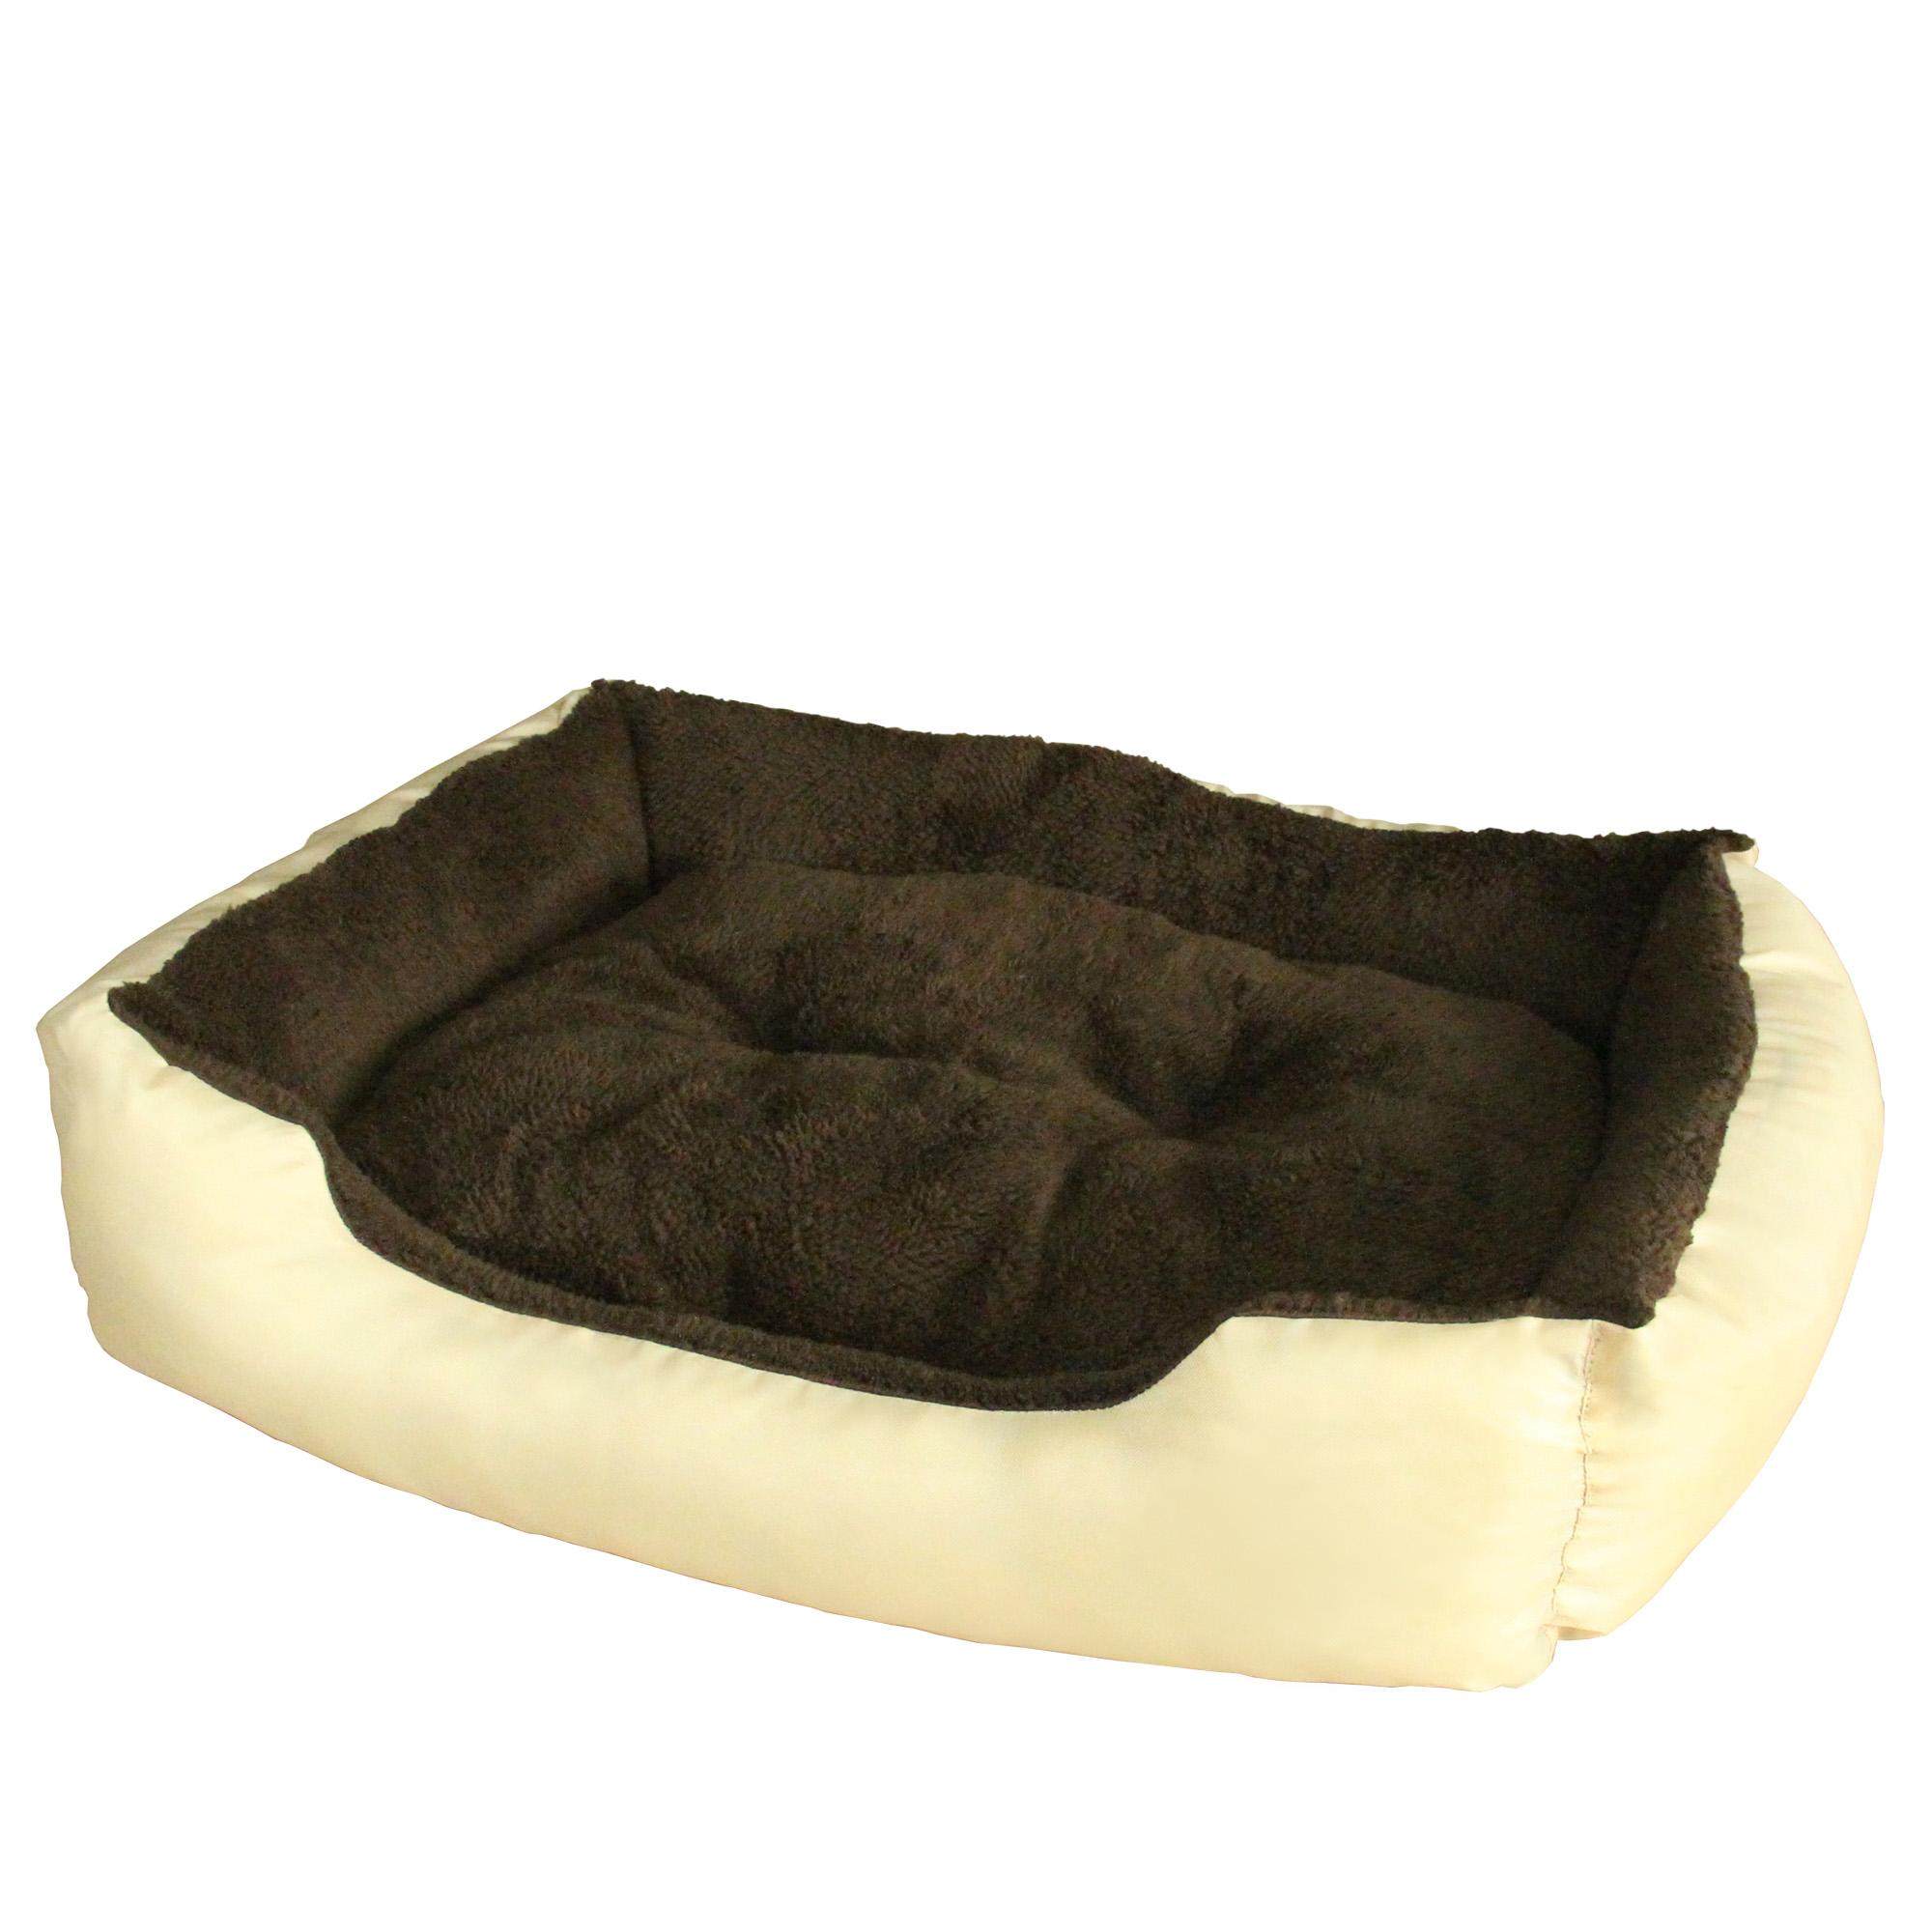 hundebett hundekorb tierbett hundesofa hundekissen hundedecke katze hund kissen ebay. Black Bedroom Furniture Sets. Home Design Ideas